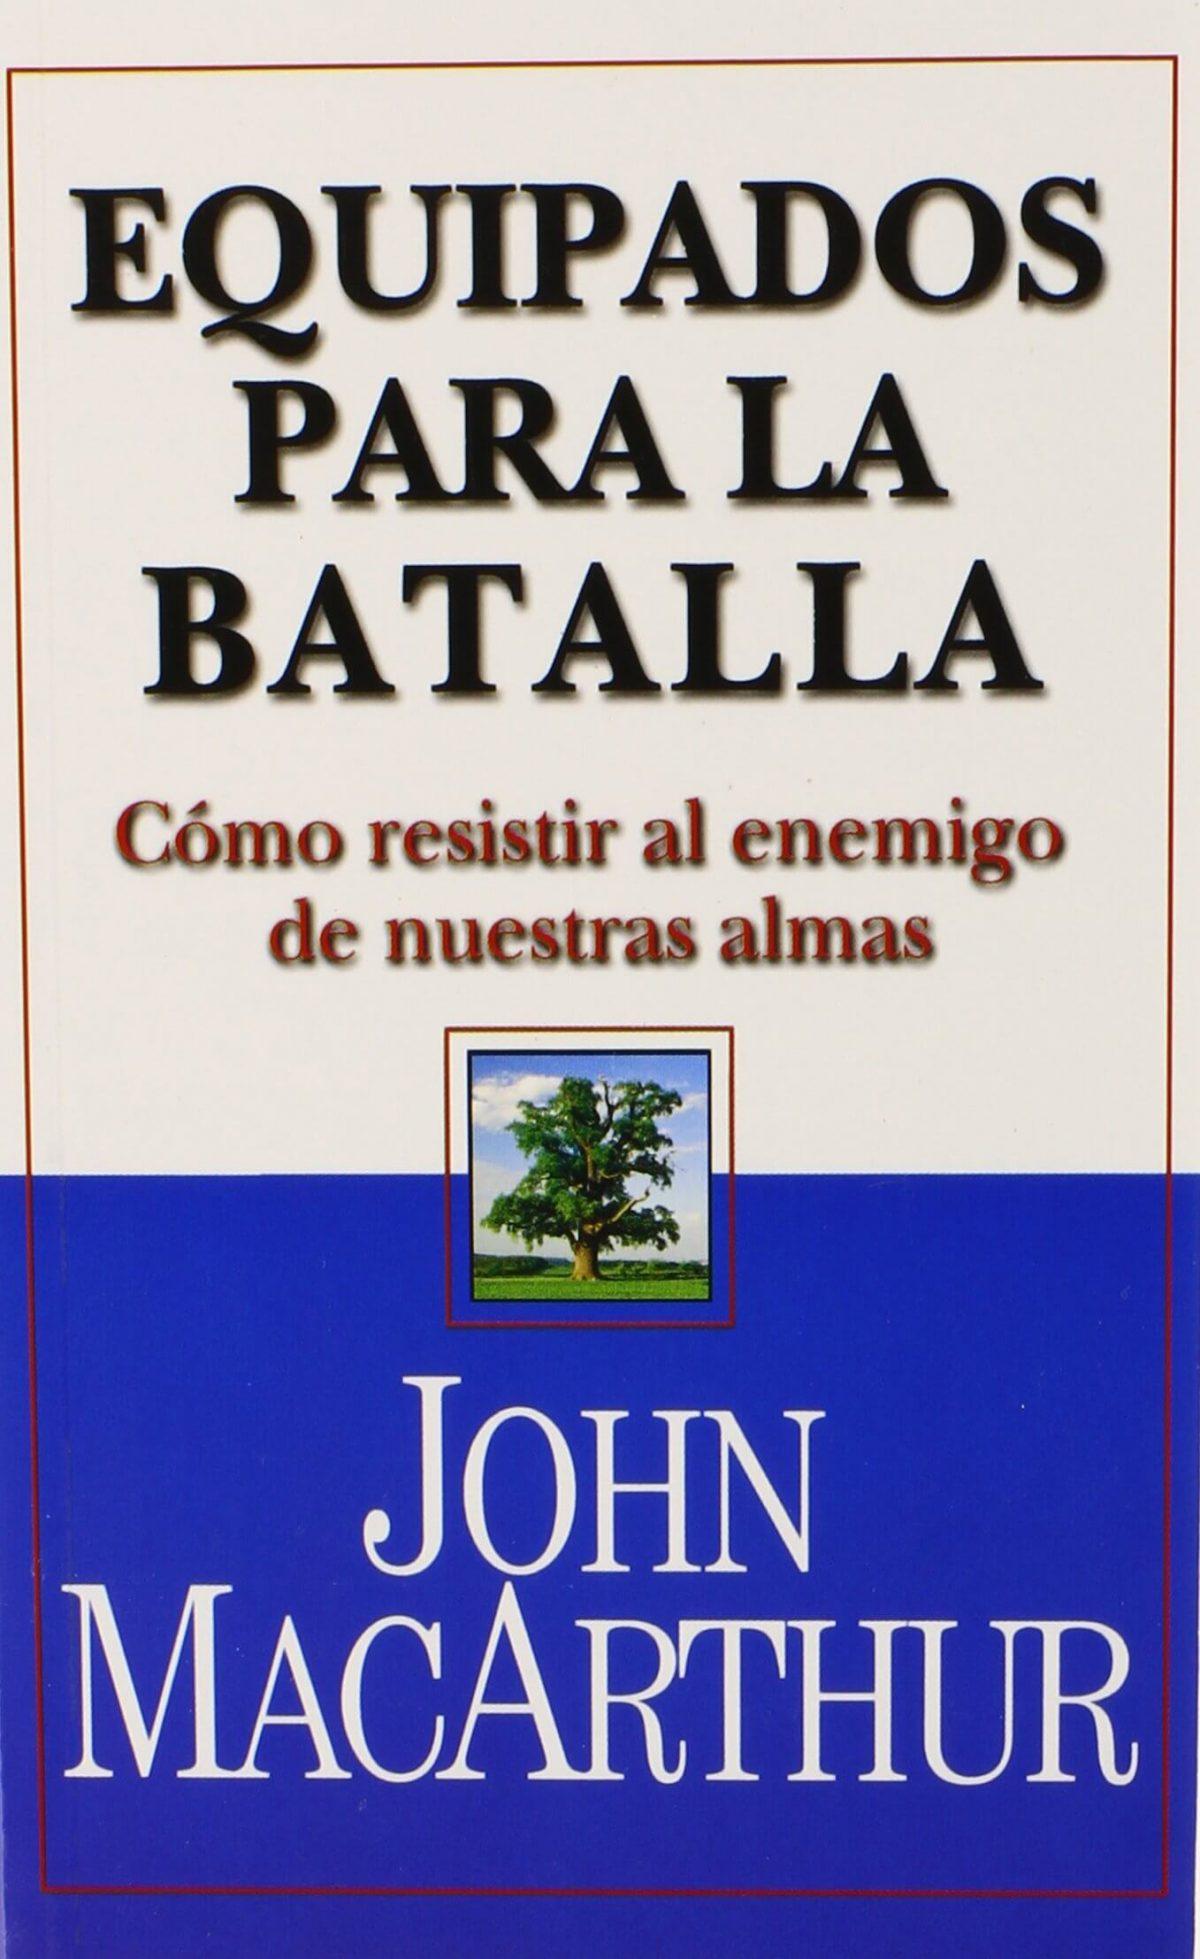 EQUIPADOS PARA LA BATALLA (BOLSILLO)